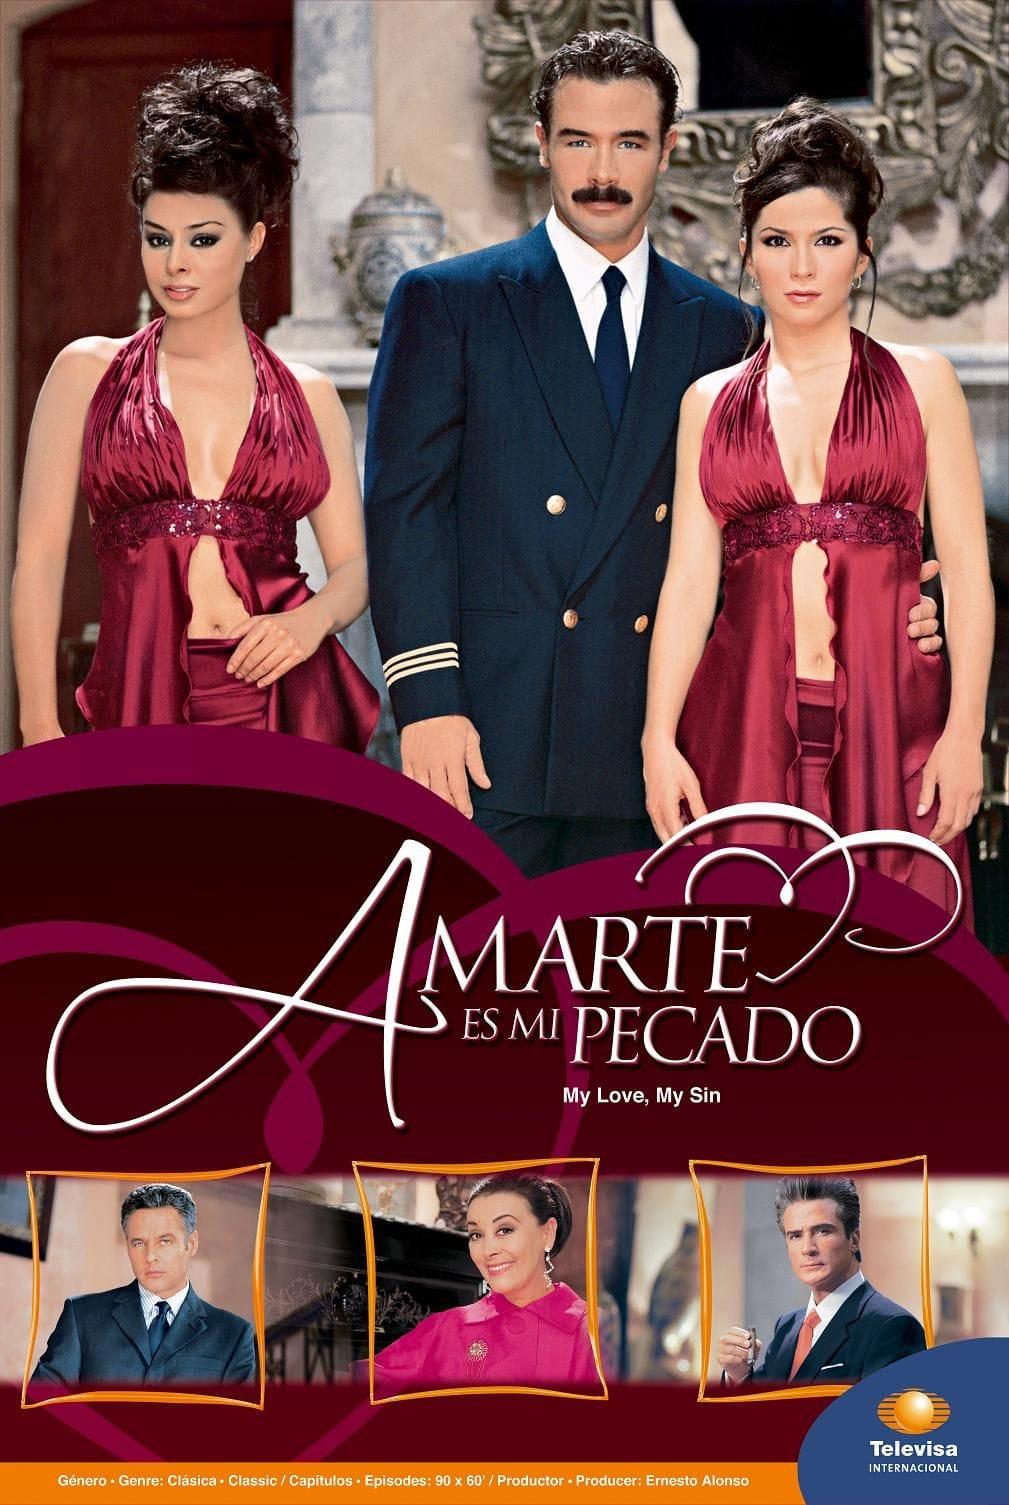 100 Images of Amarte Es Mi Pecado